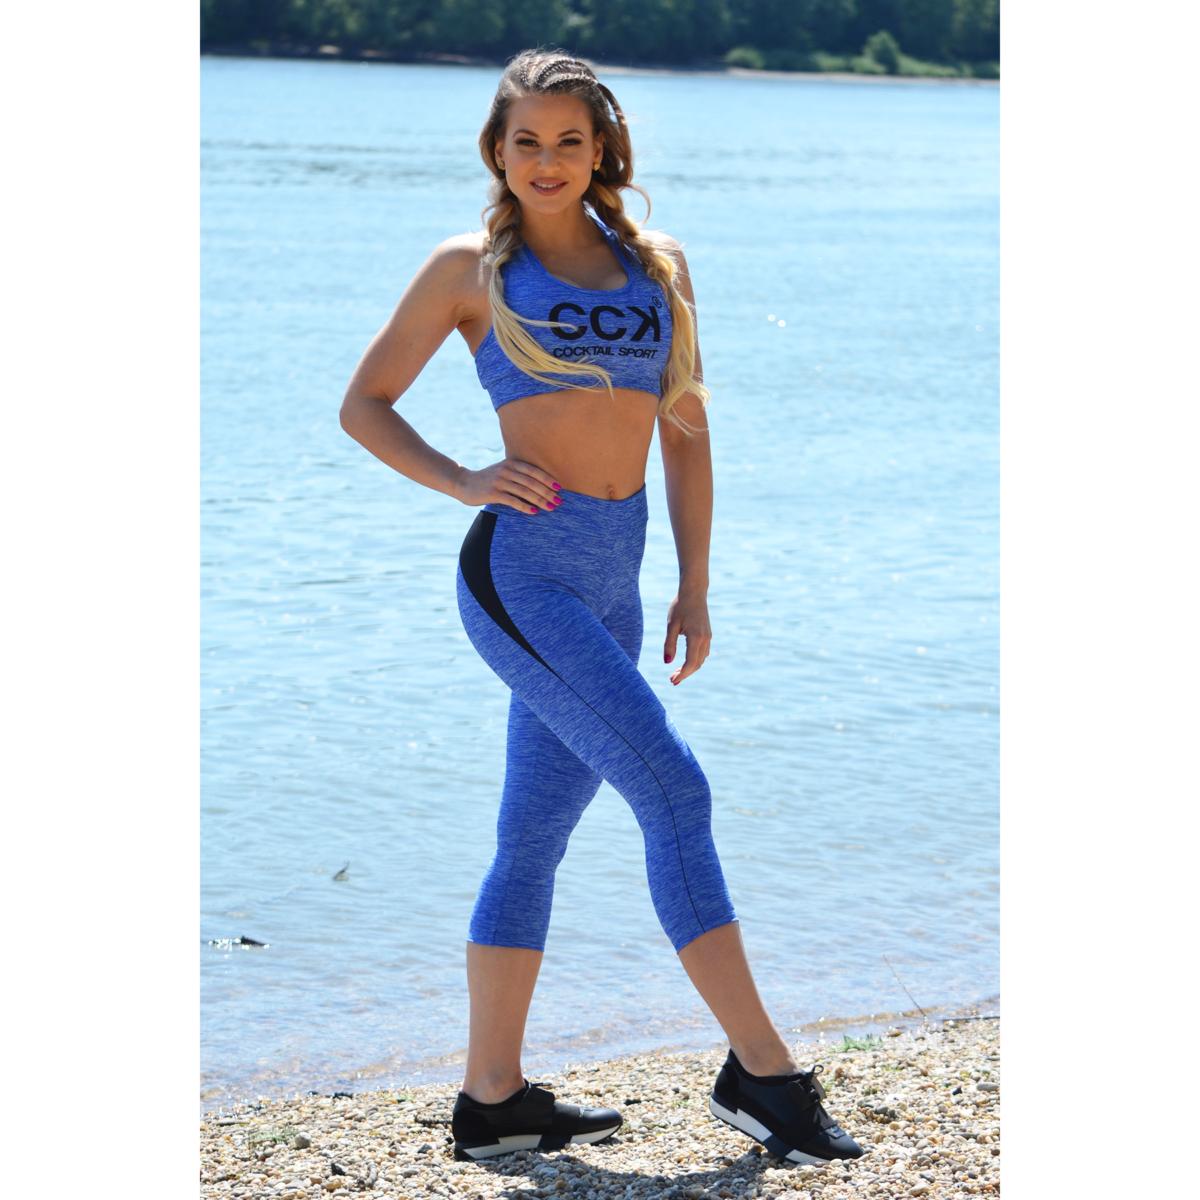 Melange kék női fitnesz capri nadrág + sport top szett